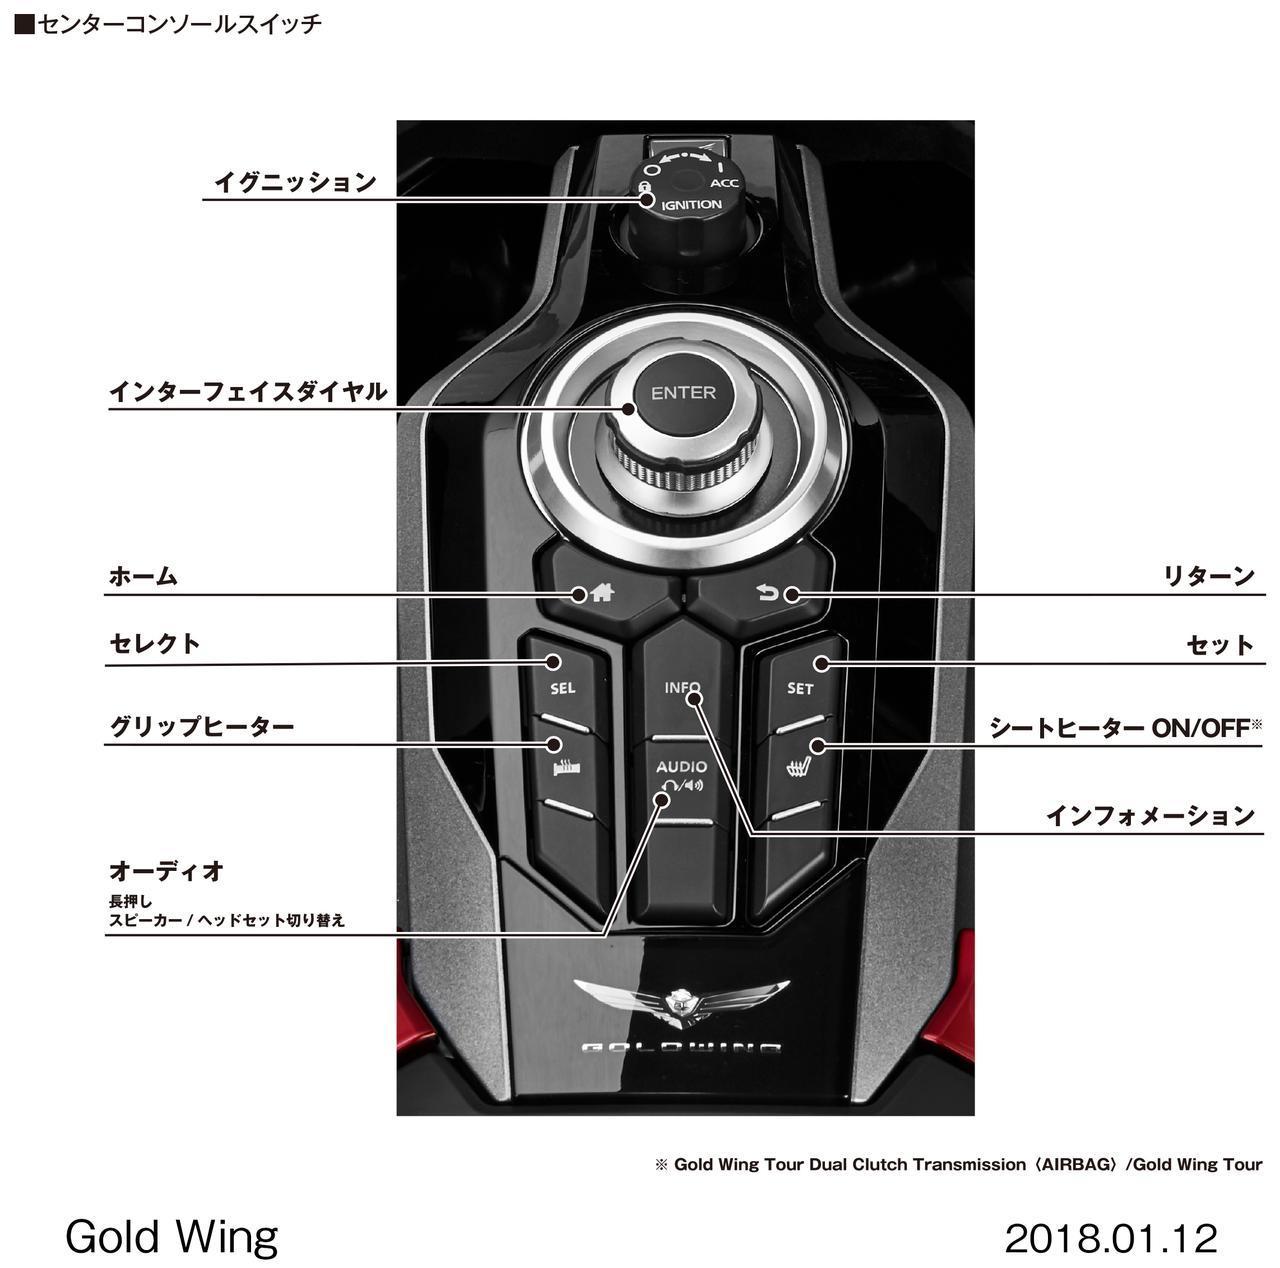 画像1: かつてない快適性と走りの感動を求めて。 ゴールドウイングが17年ぶりにフルモデルチェンジ! Honda Gold Wing/Gold Wing Tour